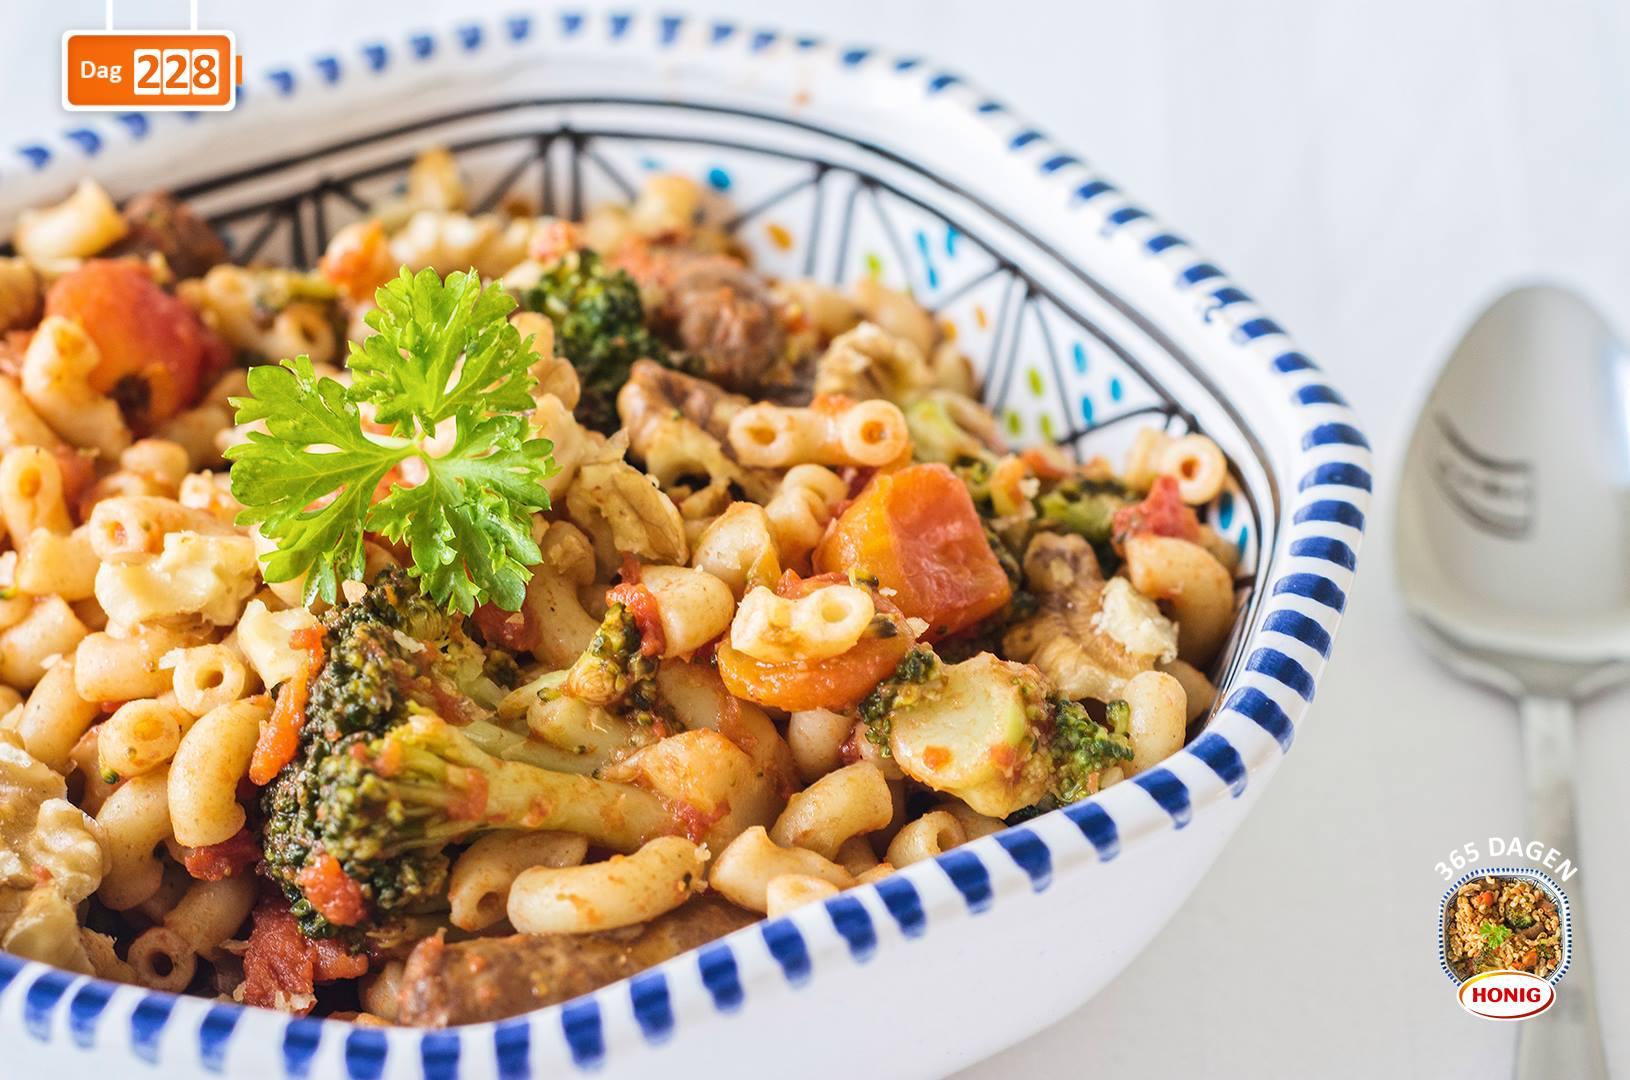 Volkoren macaroni met runderchipolata, broccoli en walnoten